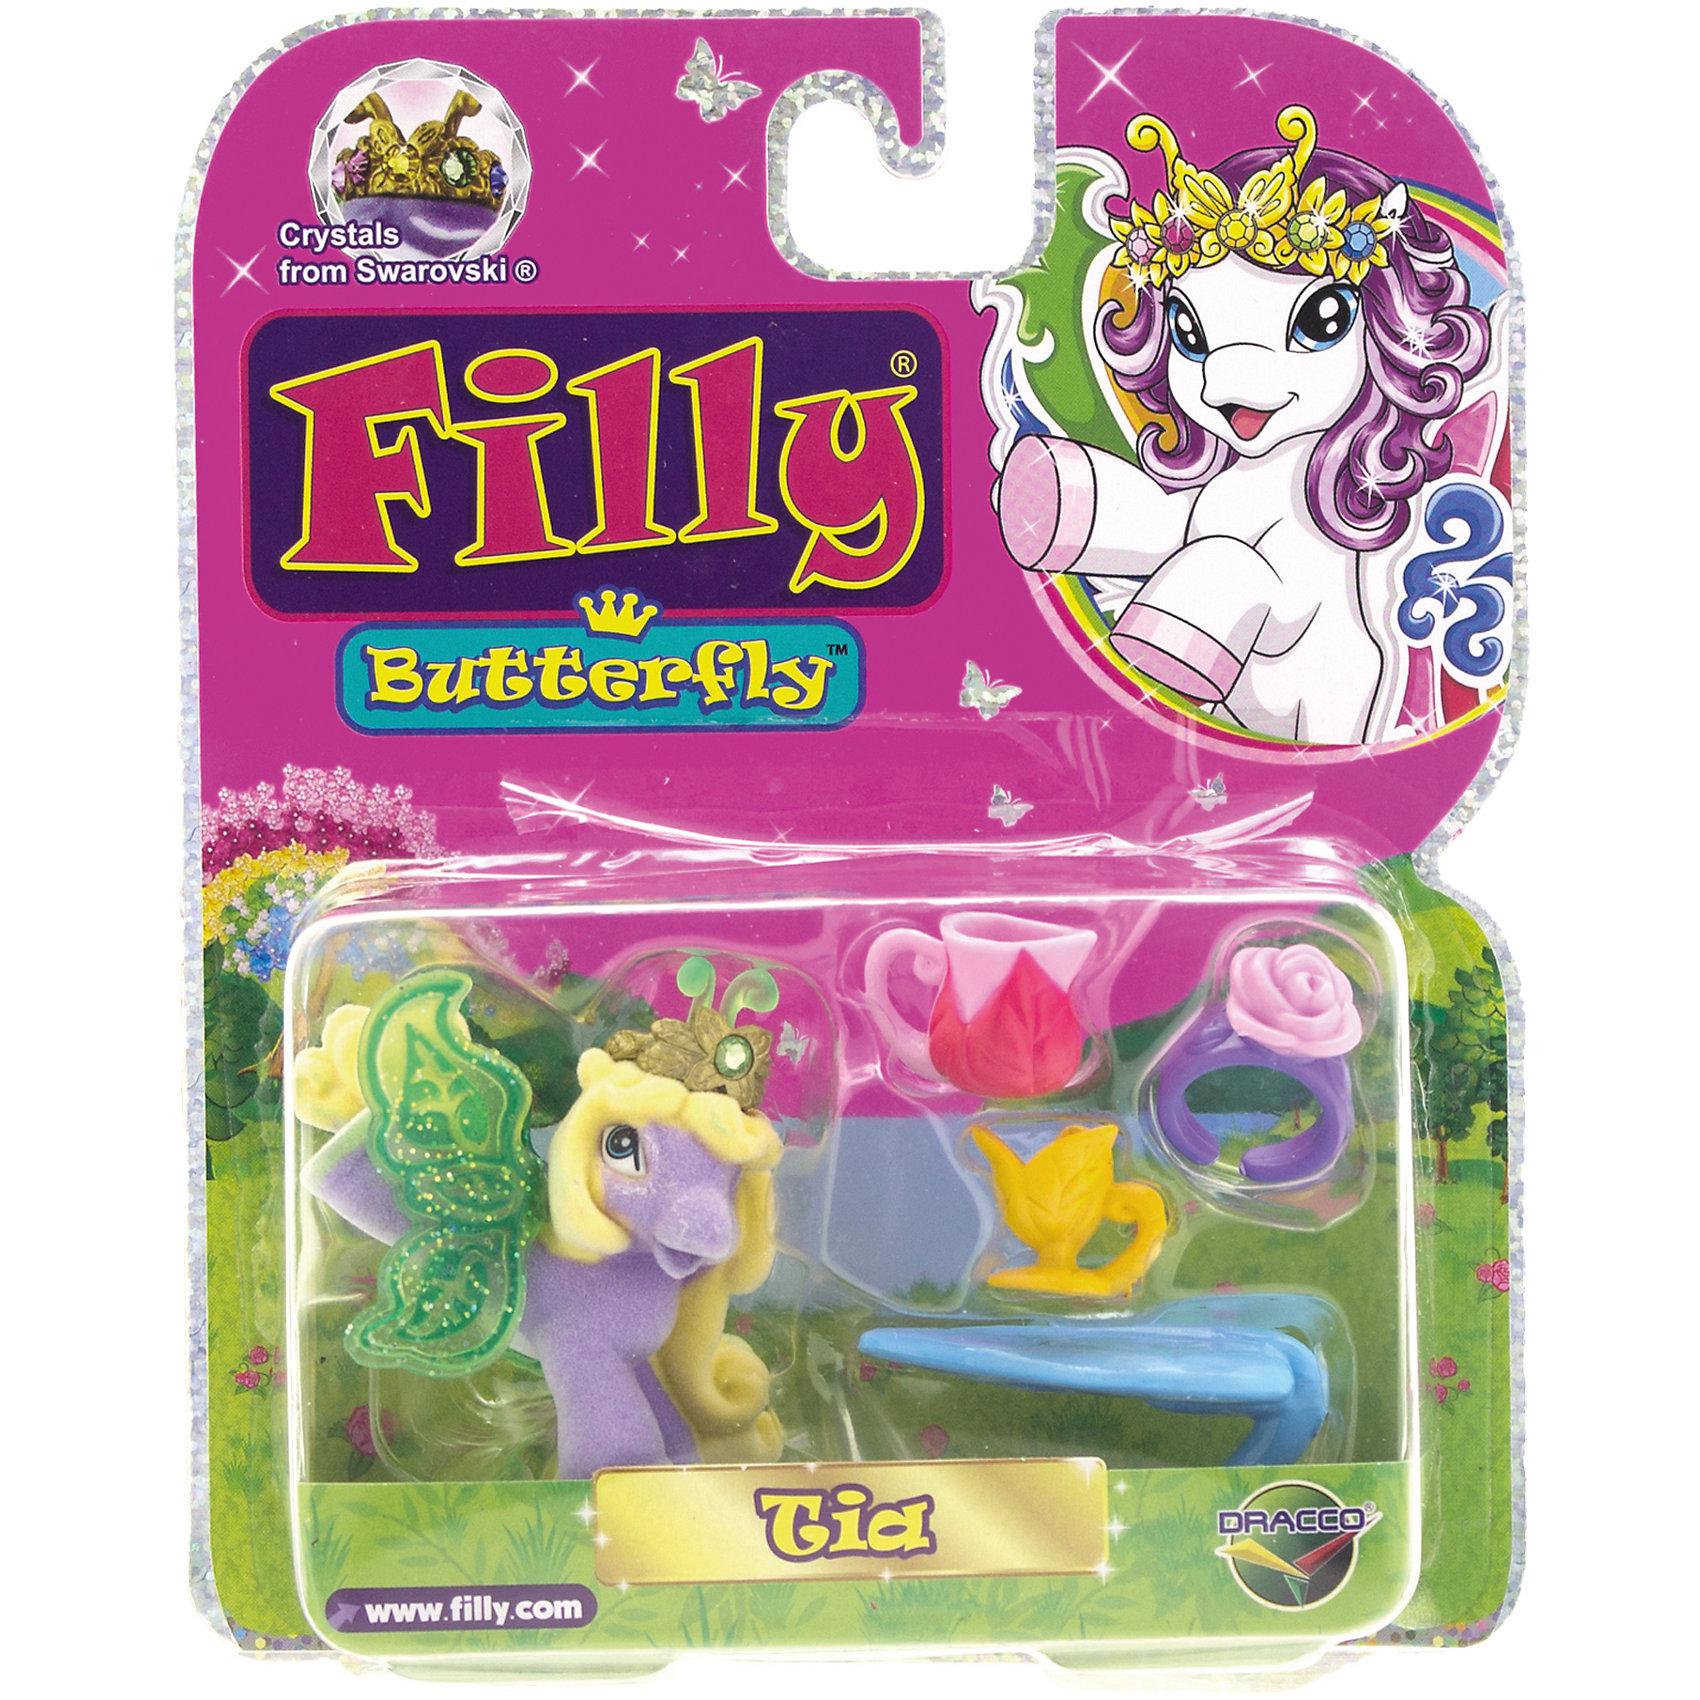 Бабочка с аксессуарами Tia, Filly, DraccoКоллекционные и игровые фигурки<br>Лошадки-бабочки Filly (Филли) живут в сказочном саду внутри волшебного леса Папиллия. Аккуратные, бархатистые наощупь фигурки приведут в восторг любую девочку и займут достойное место в ее коллекции лошадок. <br>В яркой подарочной упаковке спряталась фигурка лошадки и аксессуары для украшения и декорирования игрушки и ее окружения. Вместе с каждой лошадкой в упаковке вы найдете карточку персонажа и брошюру с описанием других героев серии Filly Butterfly Glitter. <br>У бабочек-лошадок в диадеме есть настоящий кристалл Swarovski. Собери всех прекрасных бабочек, пусть они ходят друг к другу в гости, дружат, меняются аксессуарами. <br>Игрушки выполнены из высококачественных экологичных материалов безопасных для детей. <br><br>Дополнительная информация:<br><br>- Материал: пластик.<br>- Высота фигурки: 6 см.<br>- Фигурка покрыта бархатистым флоком. <br>- Комплектация: фигурка, 4 уникальных аксессуара, карточка, буклет с описанием других лошадок. <br><br>Игровой набор Бабочка с аксессуарами, Tia, Filly, Dracco, можно купить в нашем магазине.<br><br>Ширина мм: 40<br>Глубина мм: 140<br>Высота мм: 170<br>Вес г: 80<br>Возраст от месяцев: 36<br>Возраст до месяцев: 96<br>Пол: Женский<br>Возраст: Детский<br>SKU: 4596136